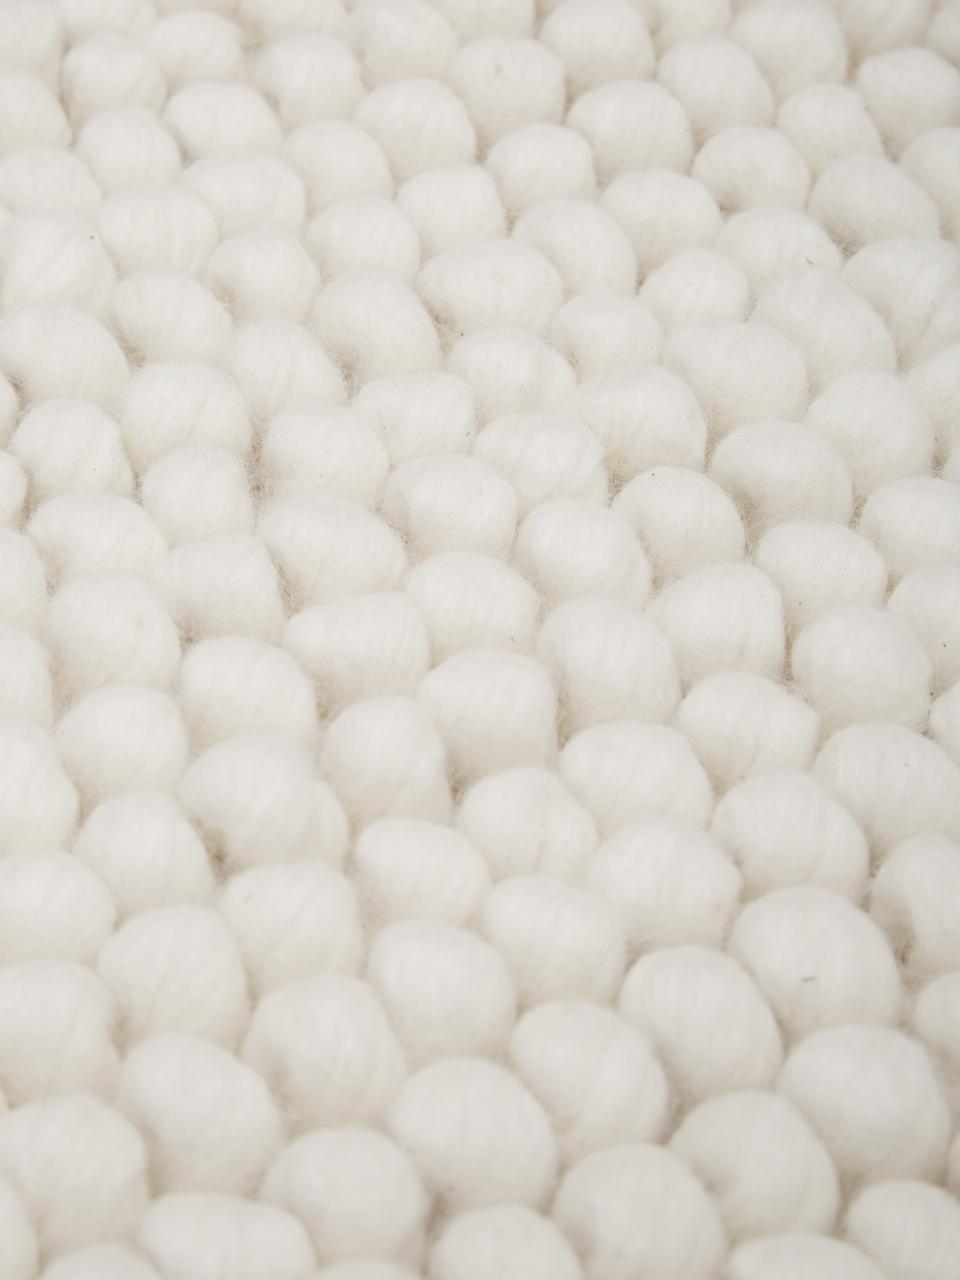 Wollteppich Pebble in Cremeweiß, 80% Neuseeländische Wolle, 20% Nylon, Weiß, B 80 x L 150 cm (Größe XS)